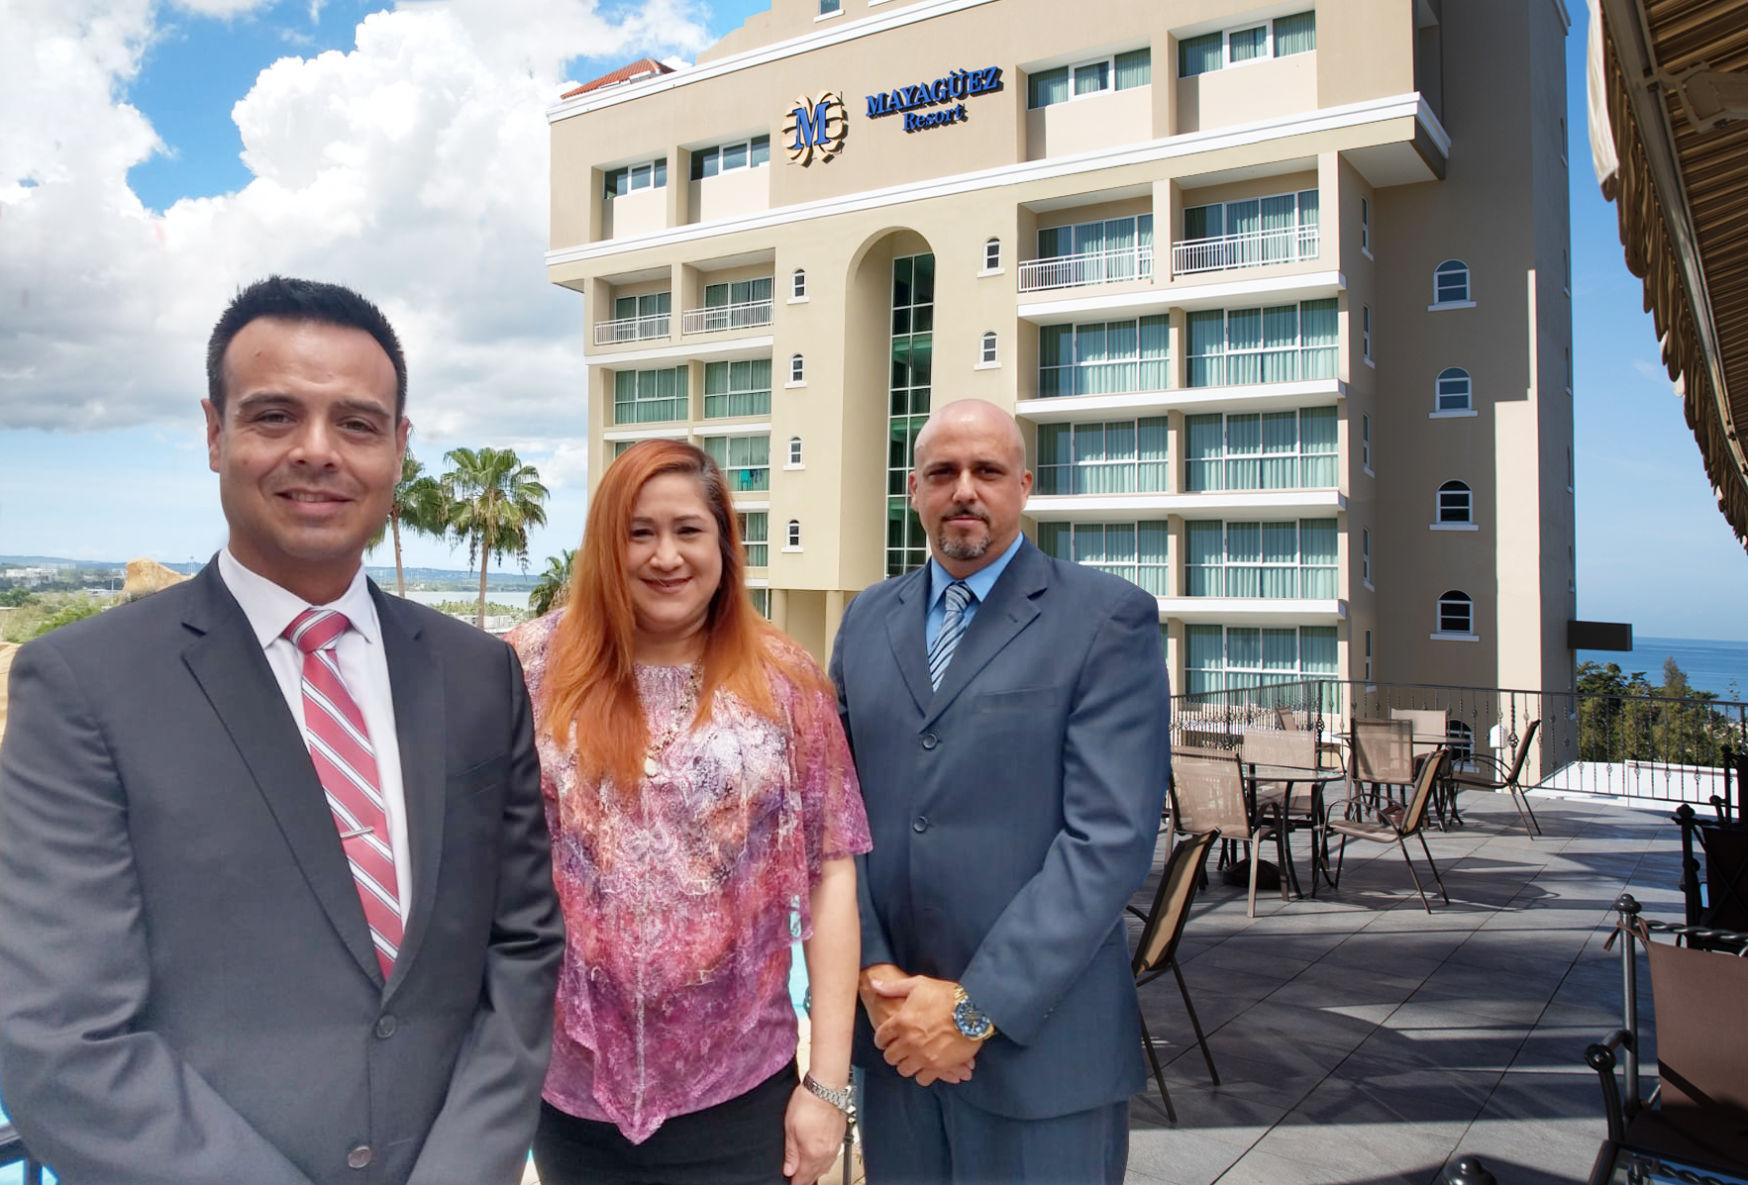 Nuevo personal en el Mayagüez Resort & Casino